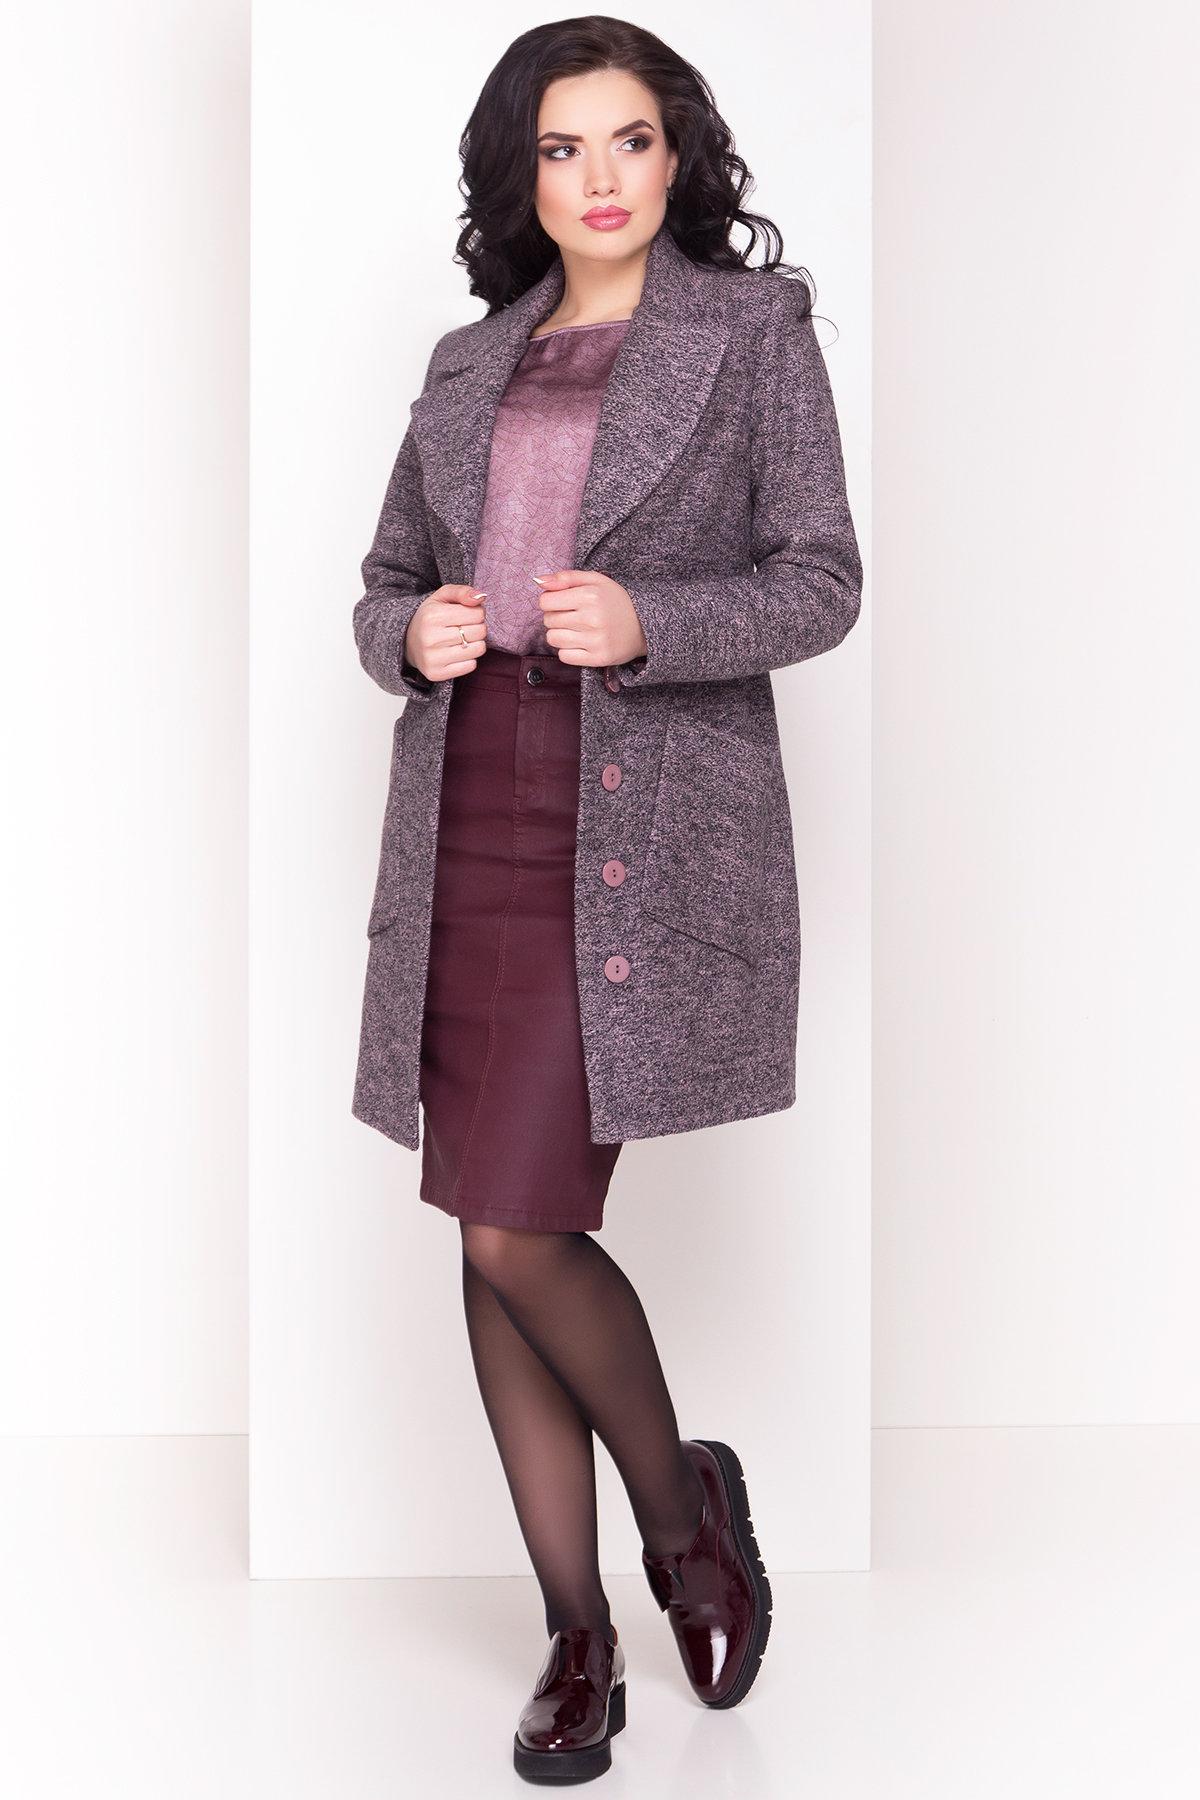 демисезонное пальто от производителя Пальто Габриэлла 4419